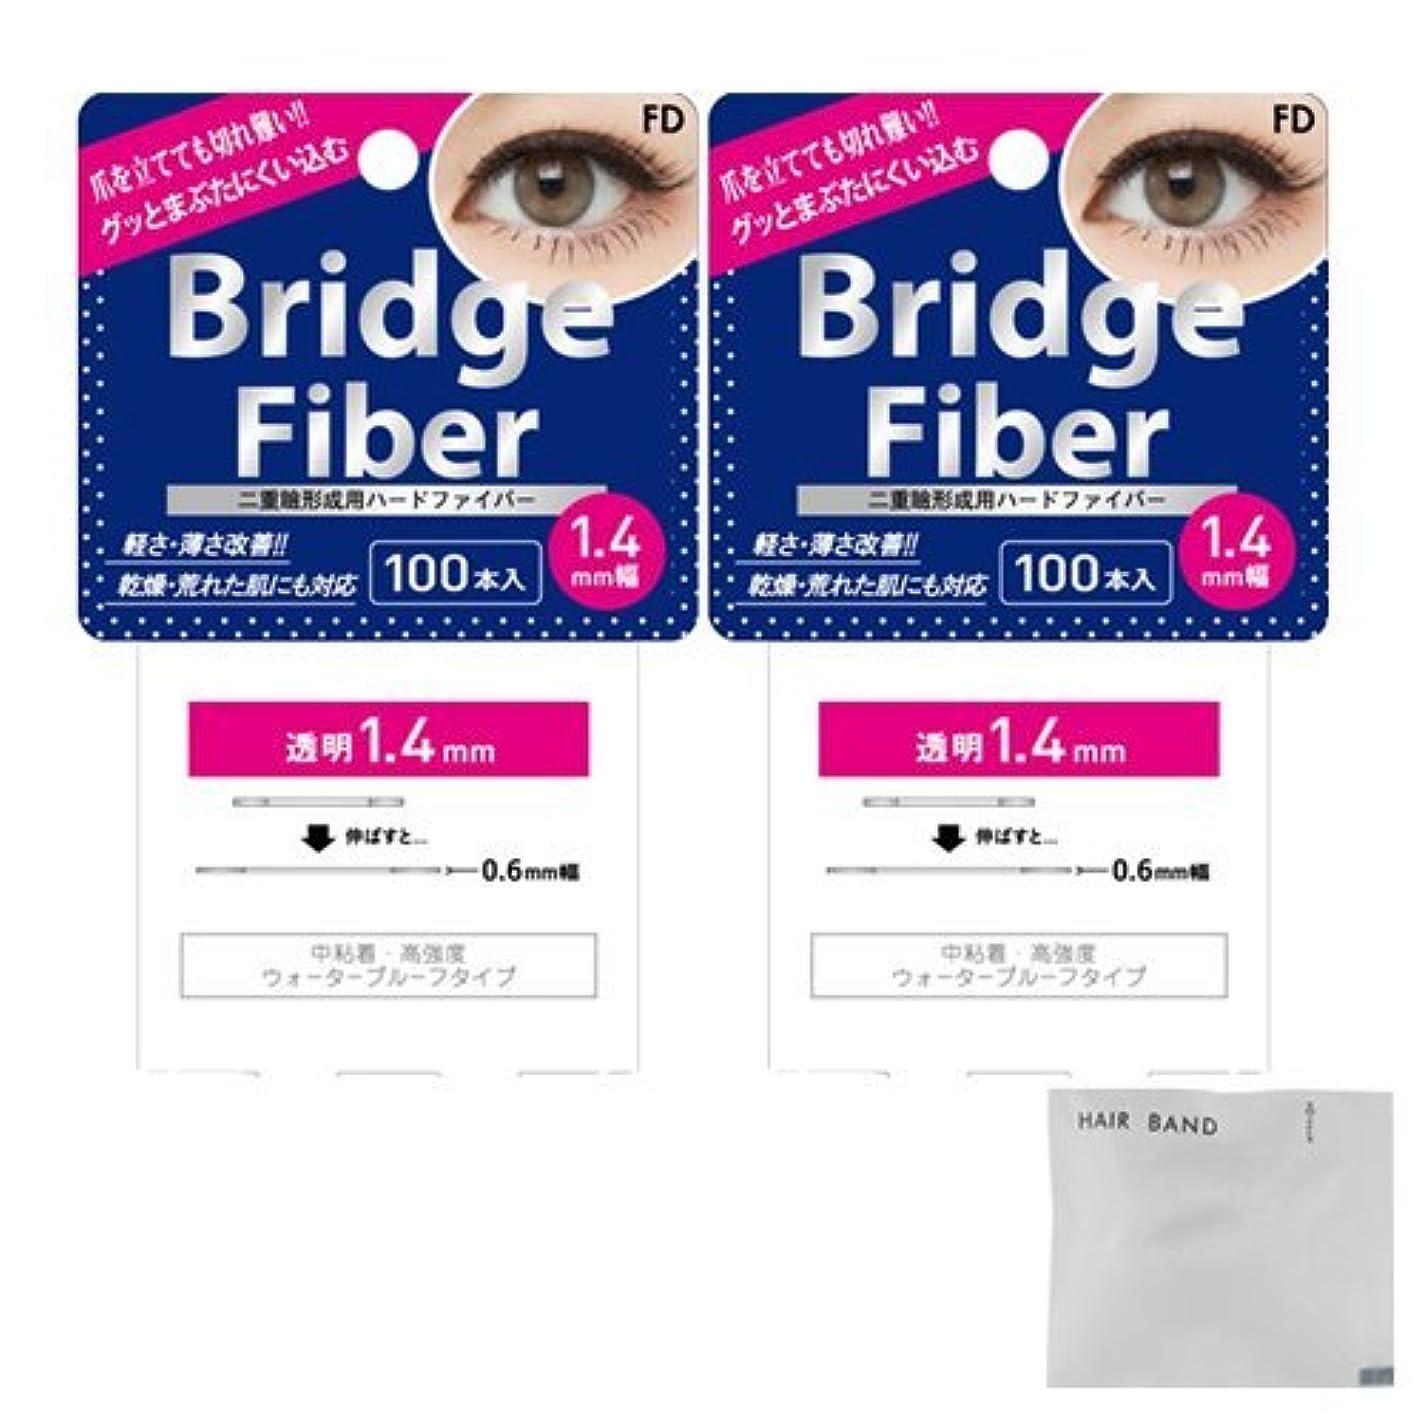 おもてなし海故障中FD ブリッジファイバーⅡ (Bridge Fiber) クリア1.4mm×2個 + ヘアゴム(カラーはおまかせ)セット